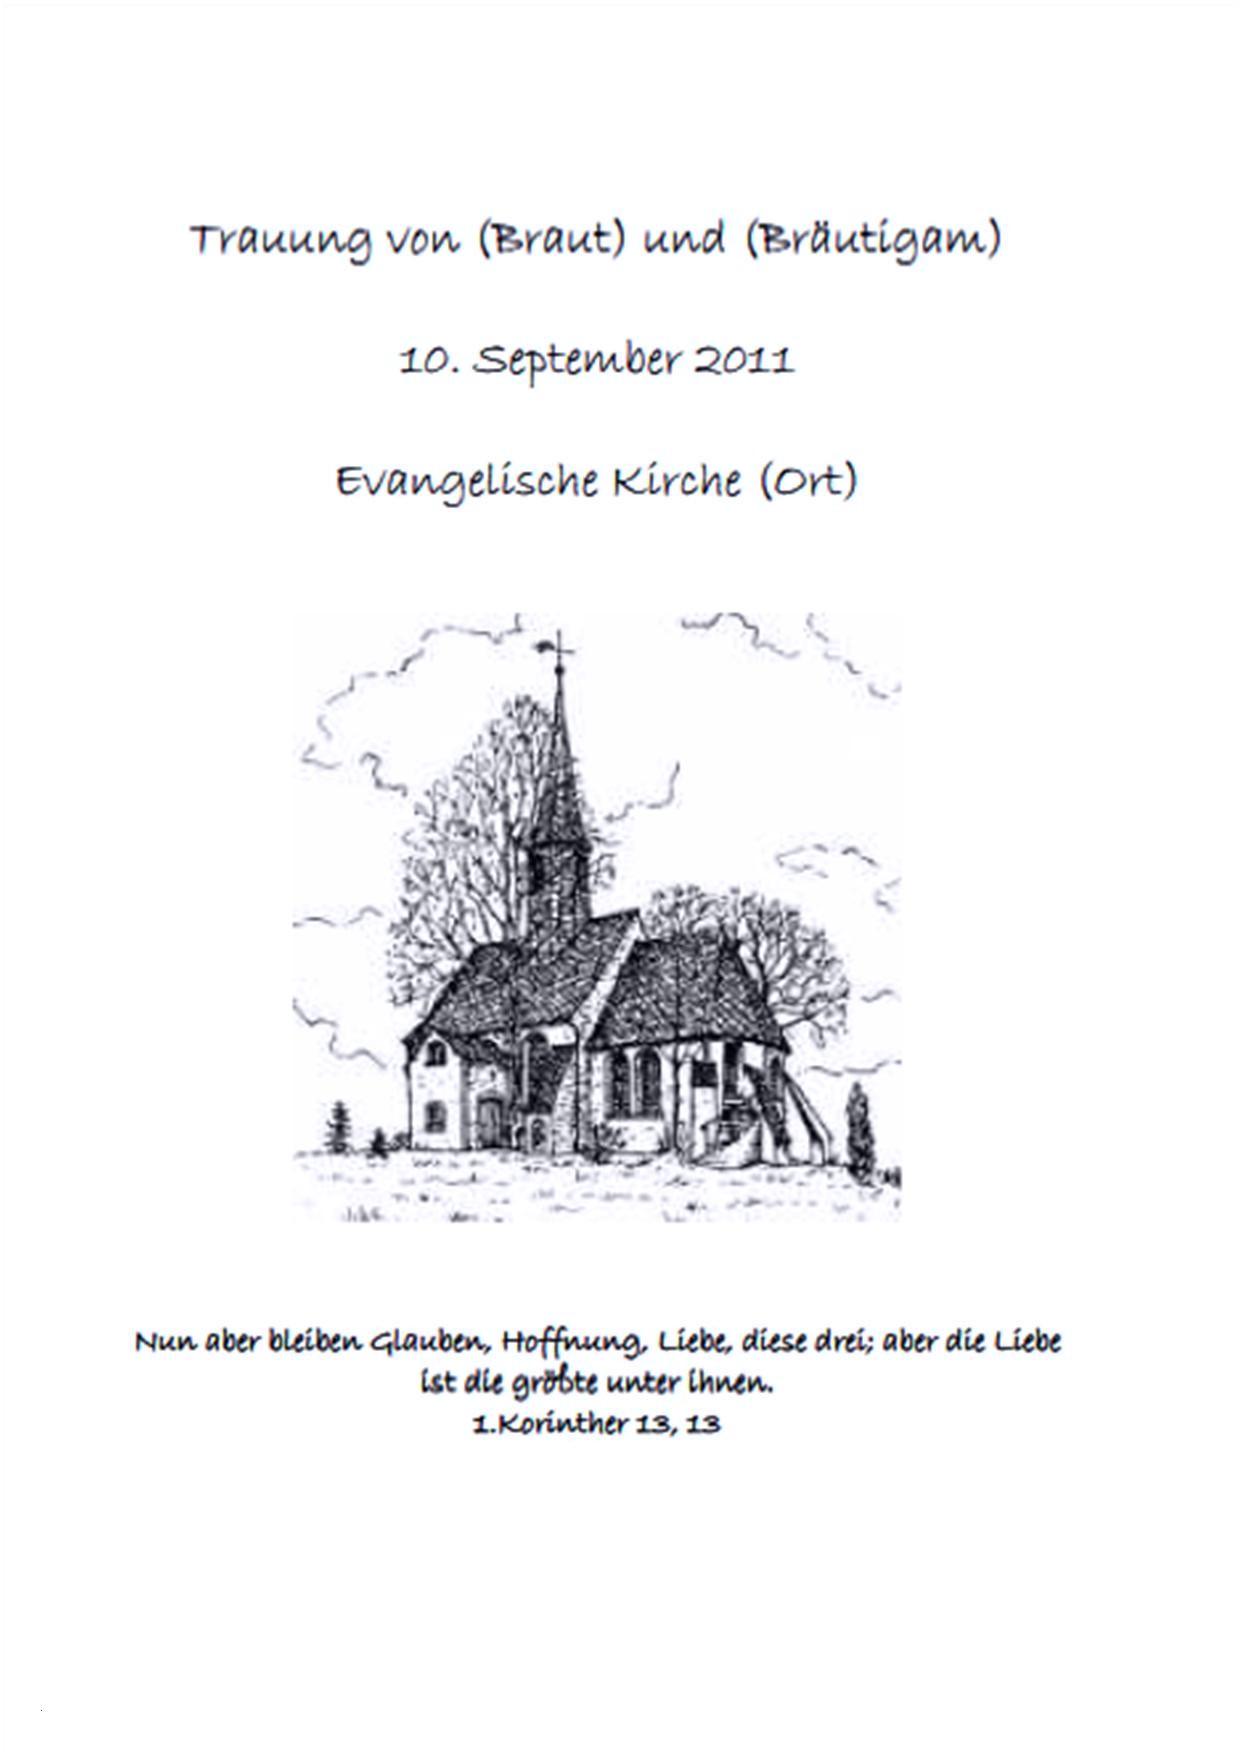 Kirchenlieder Hochzeit Katholisch  Kirchenlieder Hochzeit Katholisch Modern Genial Moderne